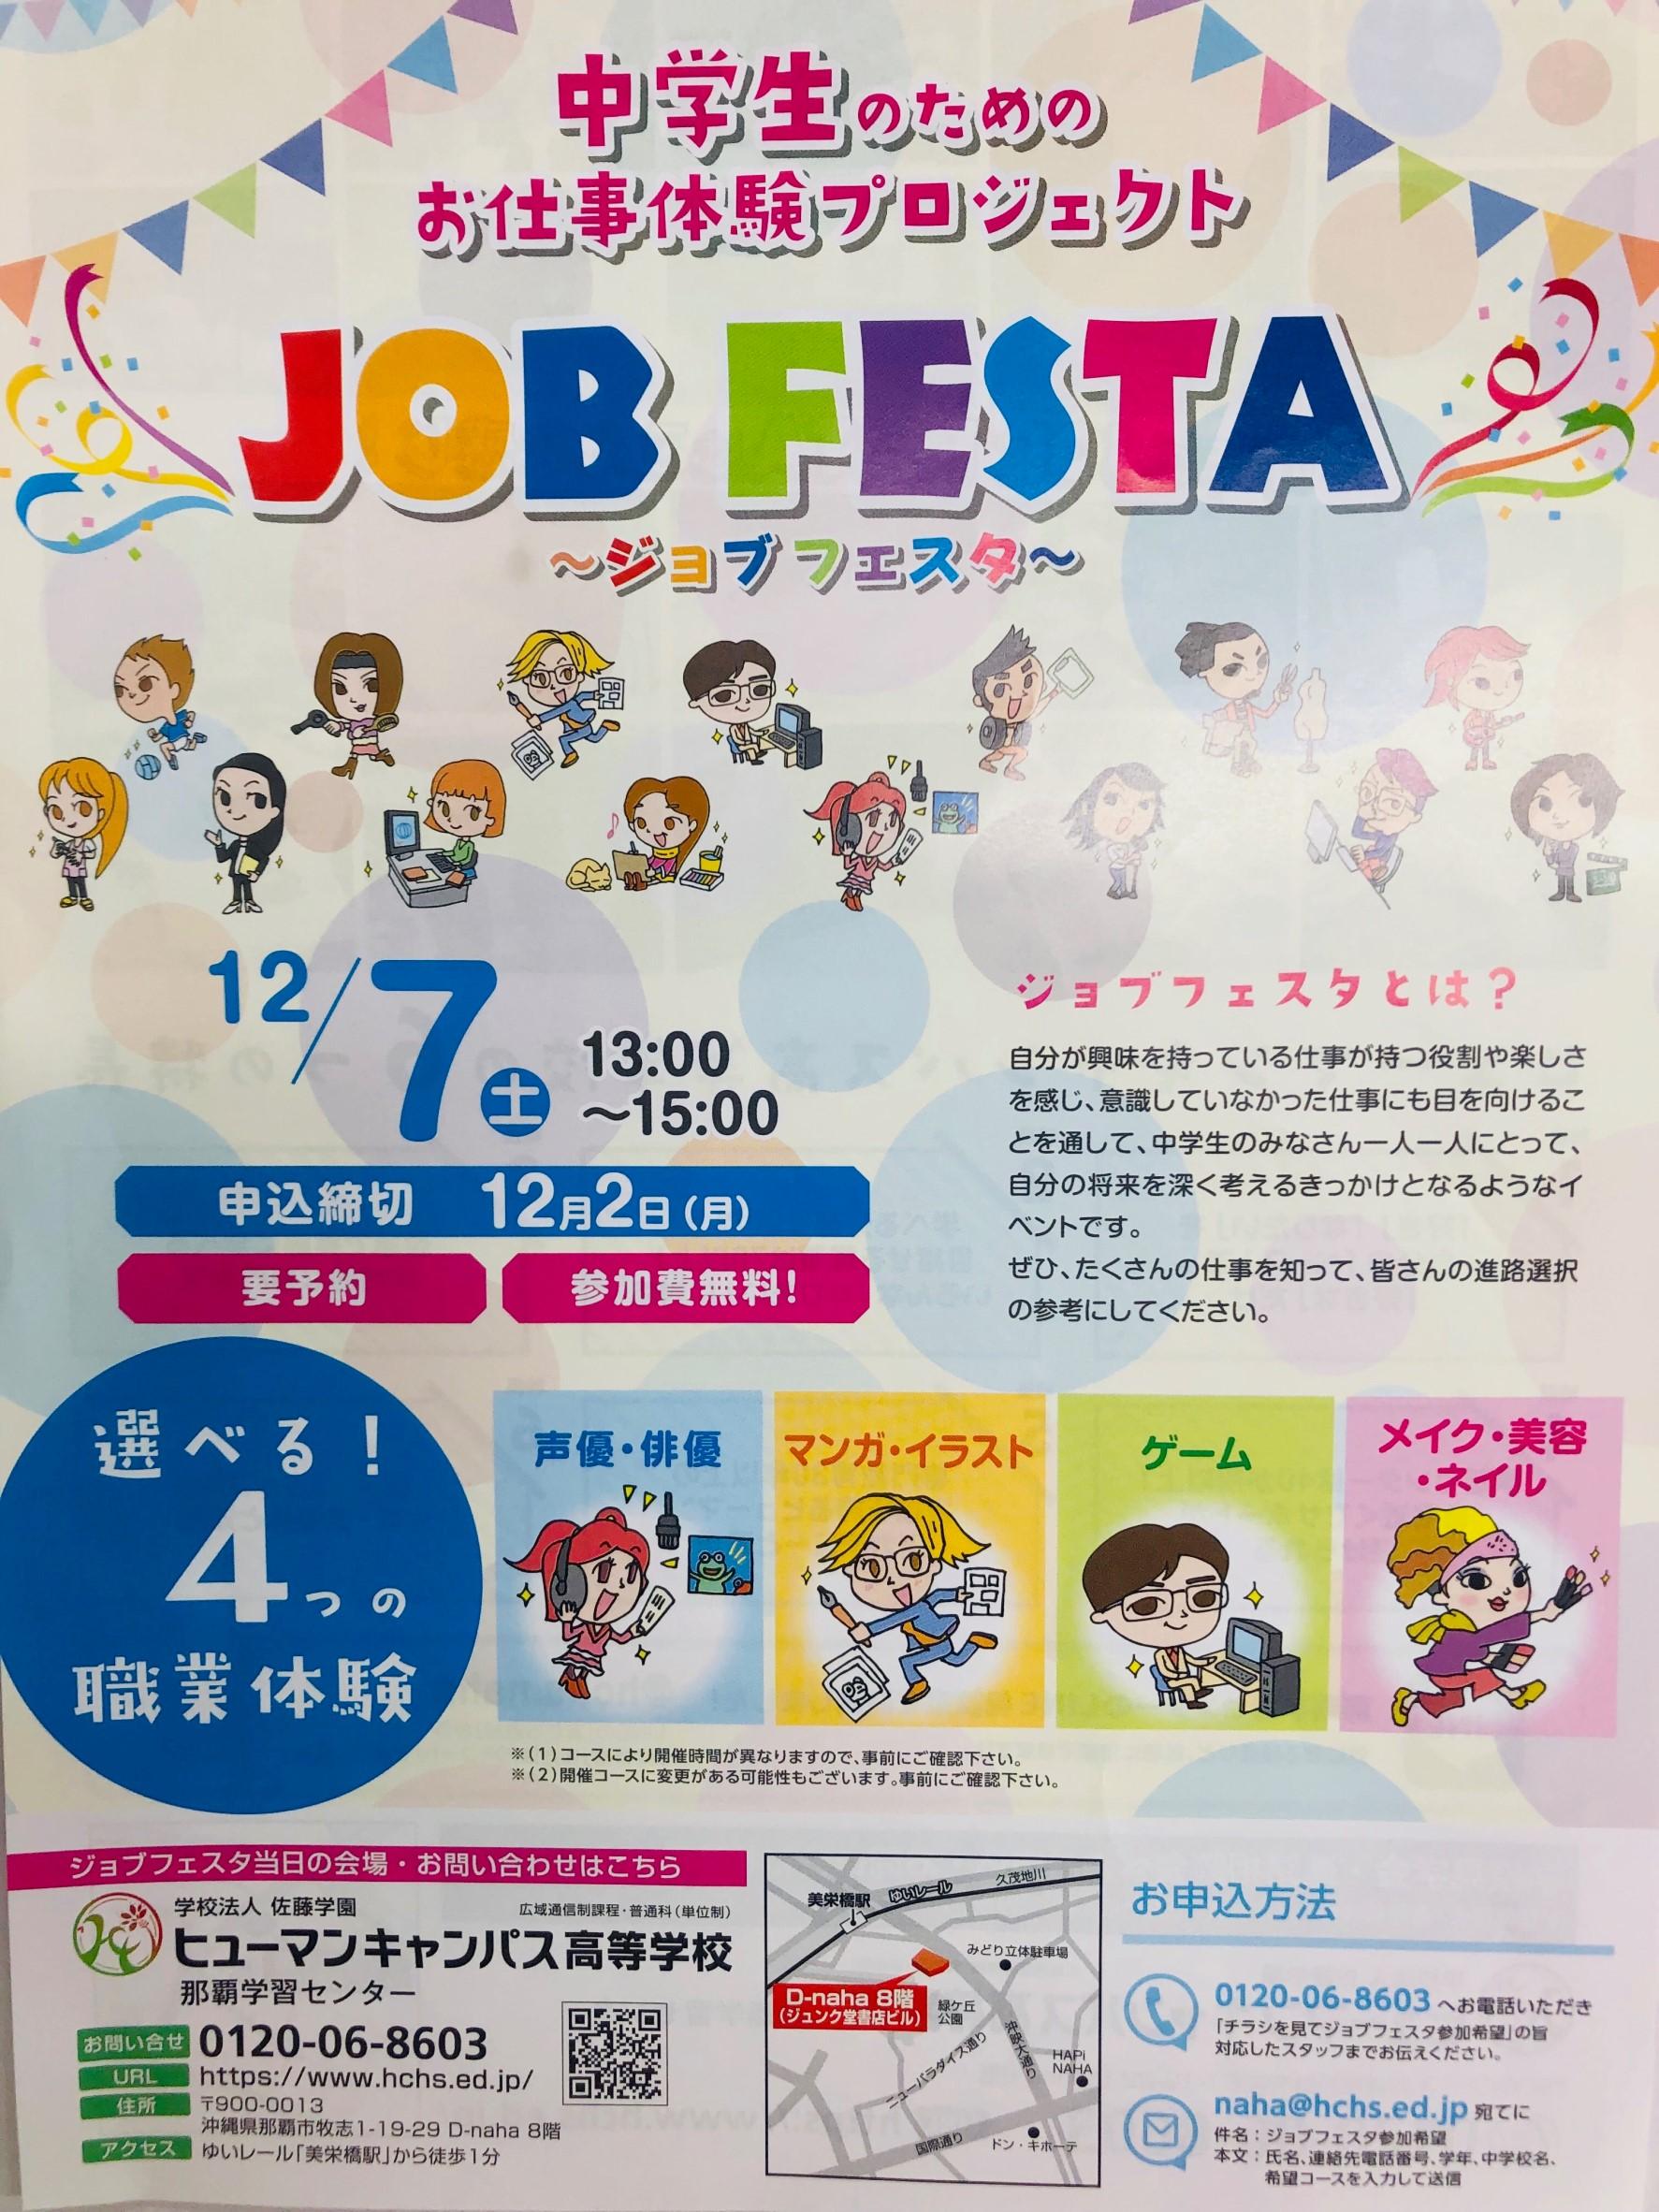 【那覇】12月7日(土)ジョブフェスタ